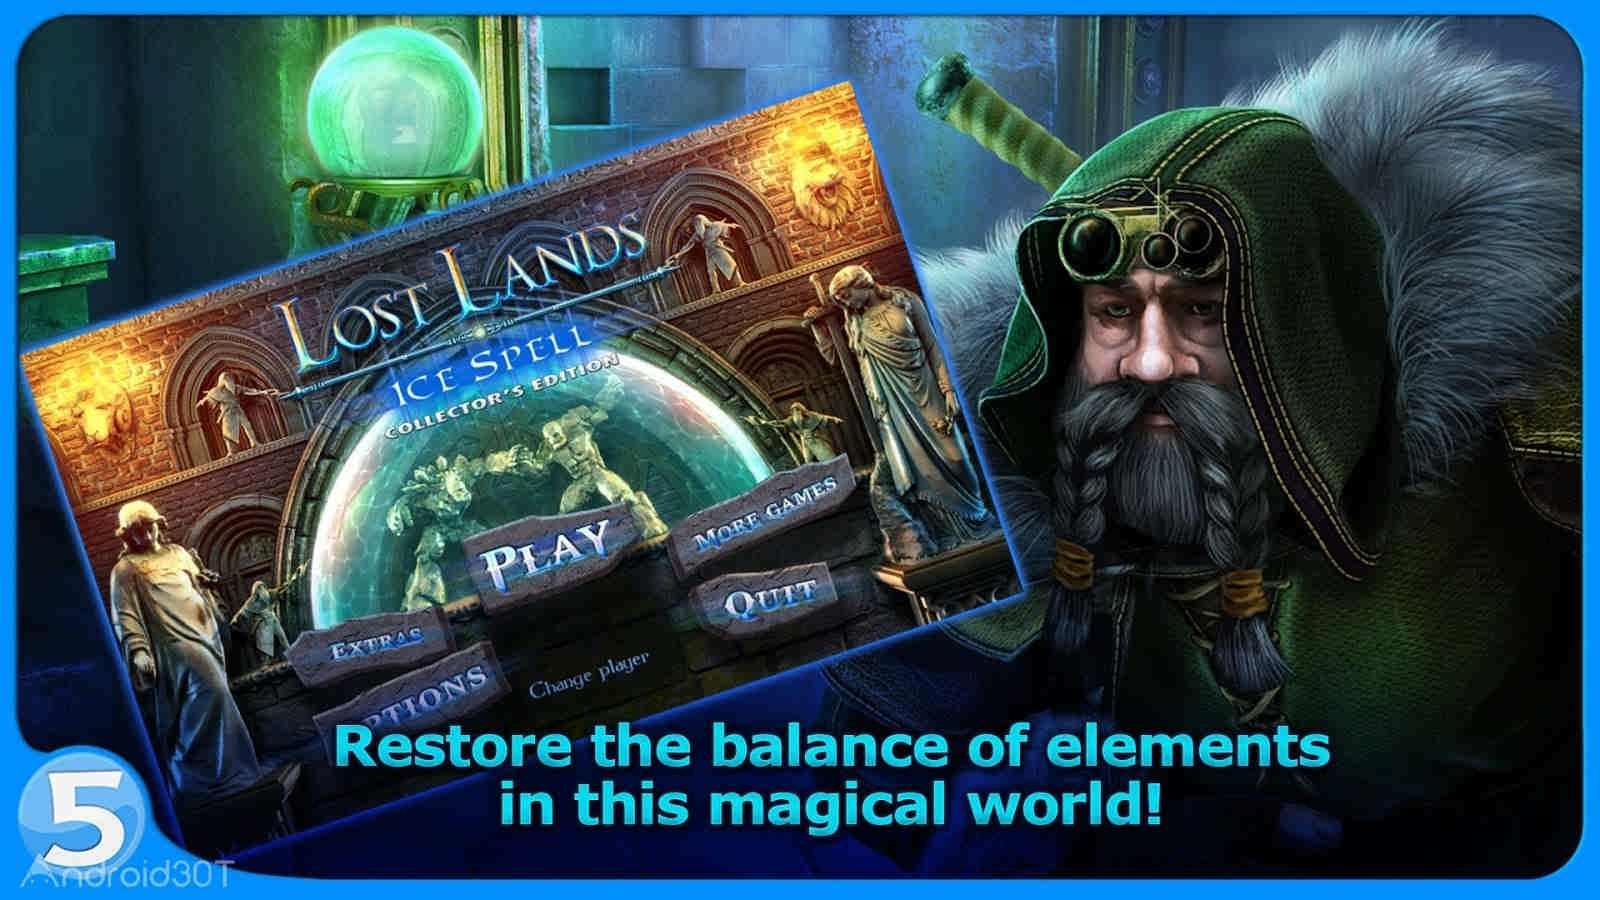 دانلود Lost Lands 5 (Full) v1.0.3 – بازی سرزمین گمشده 5 اندروید